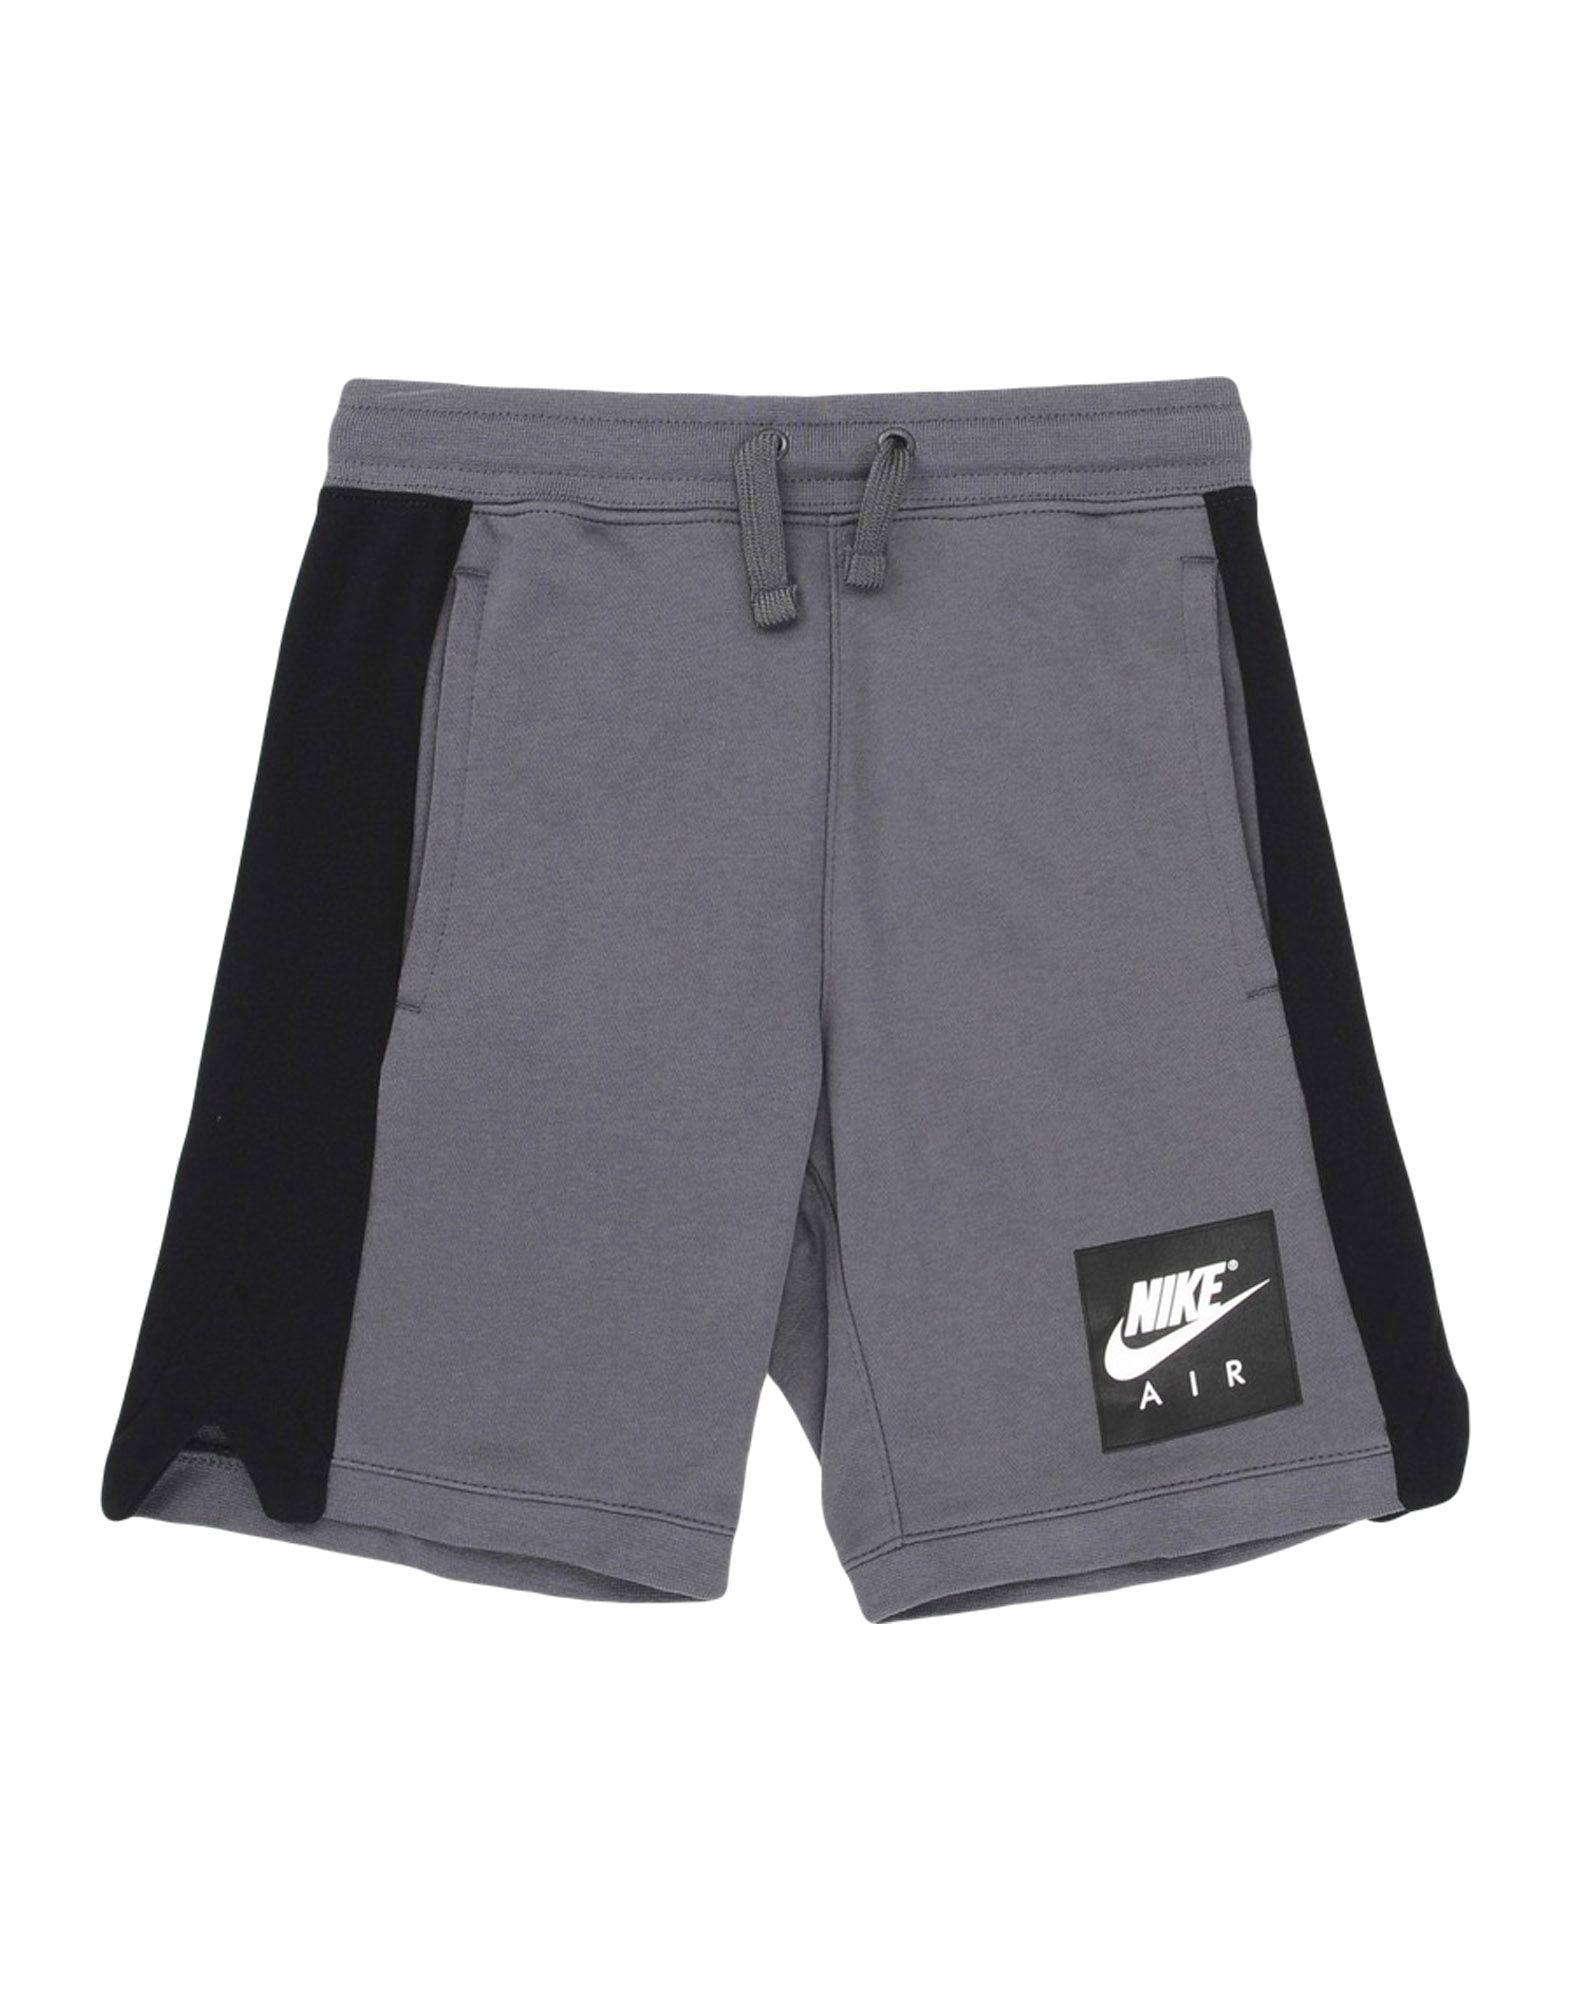 b38b608556 Σορτς + Βερμουδες Nike Kορίτσι 3-8 ετών στο YOOX